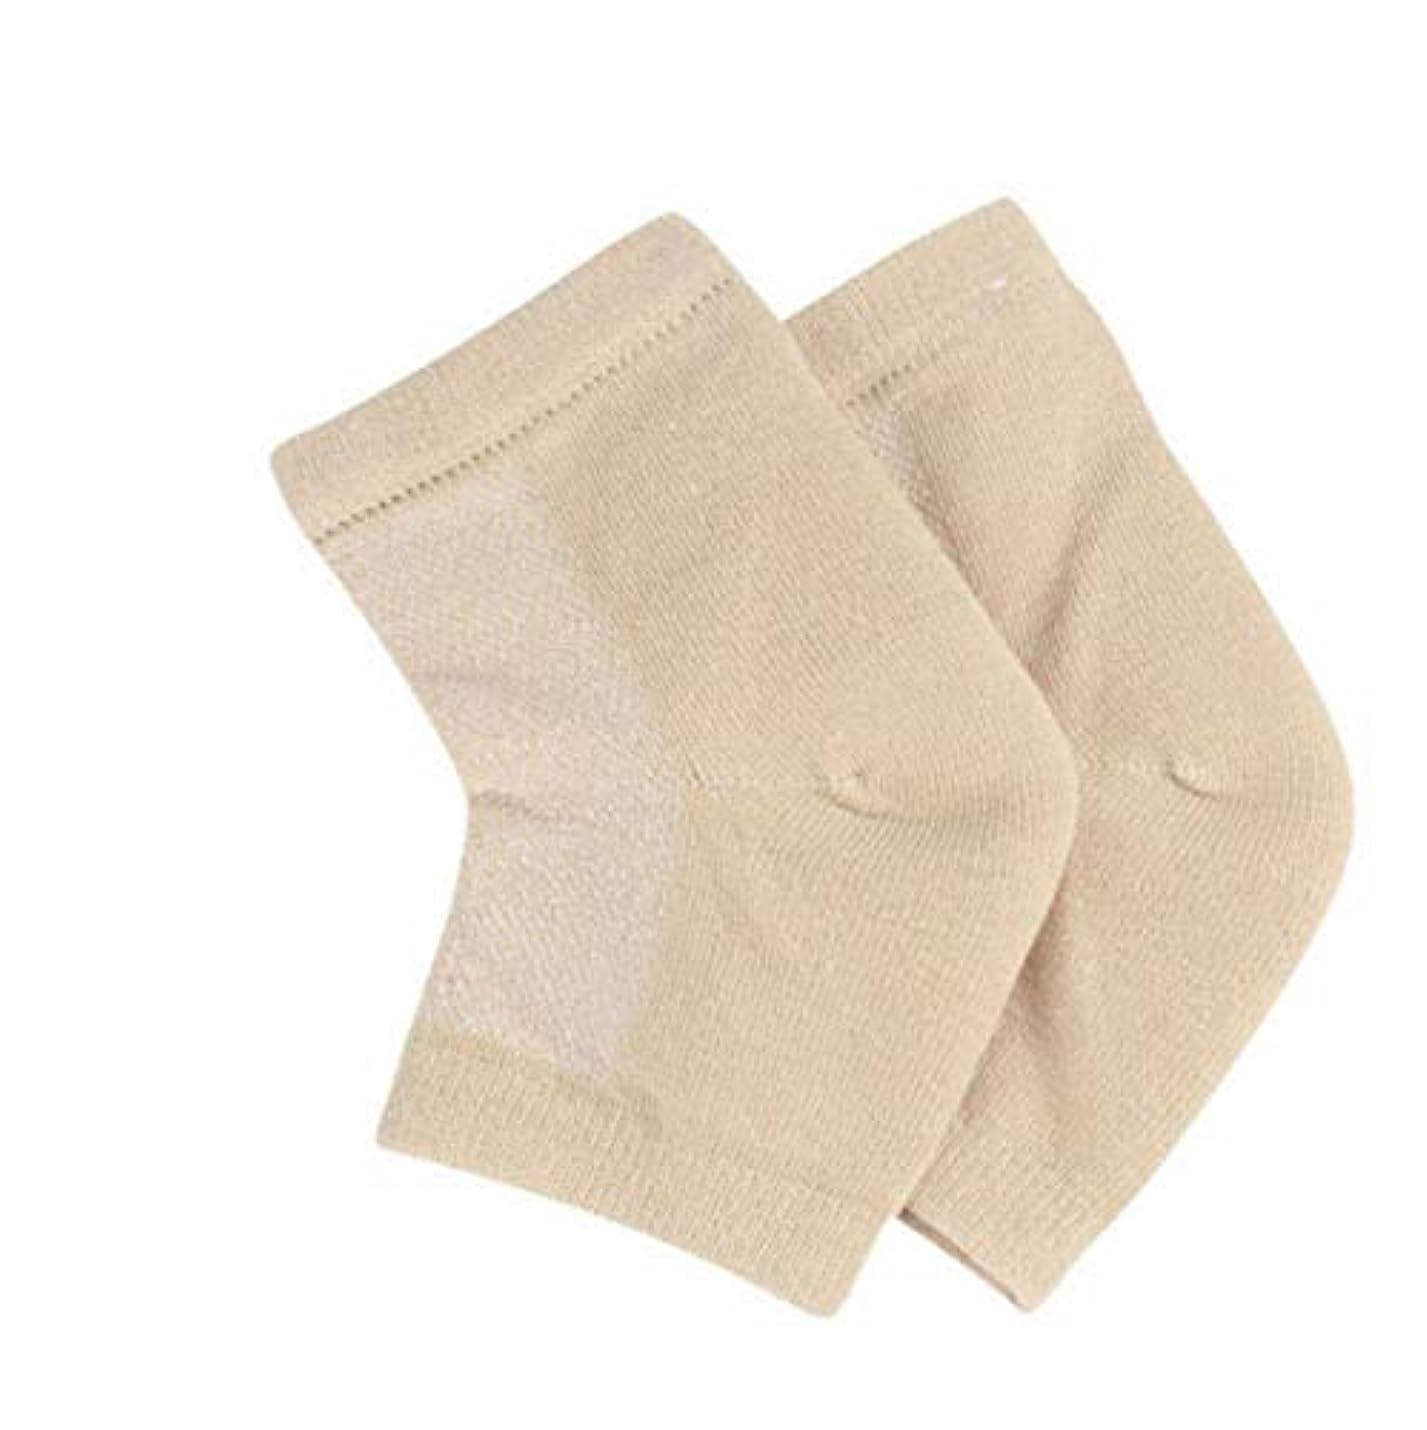 レキシコンランチョンラインかかとケア靴下 足サポーター 半分ソックス 足首用 角質ケア/保湿/美容 左右セット フリーサイズ 男女適用 (肌色)